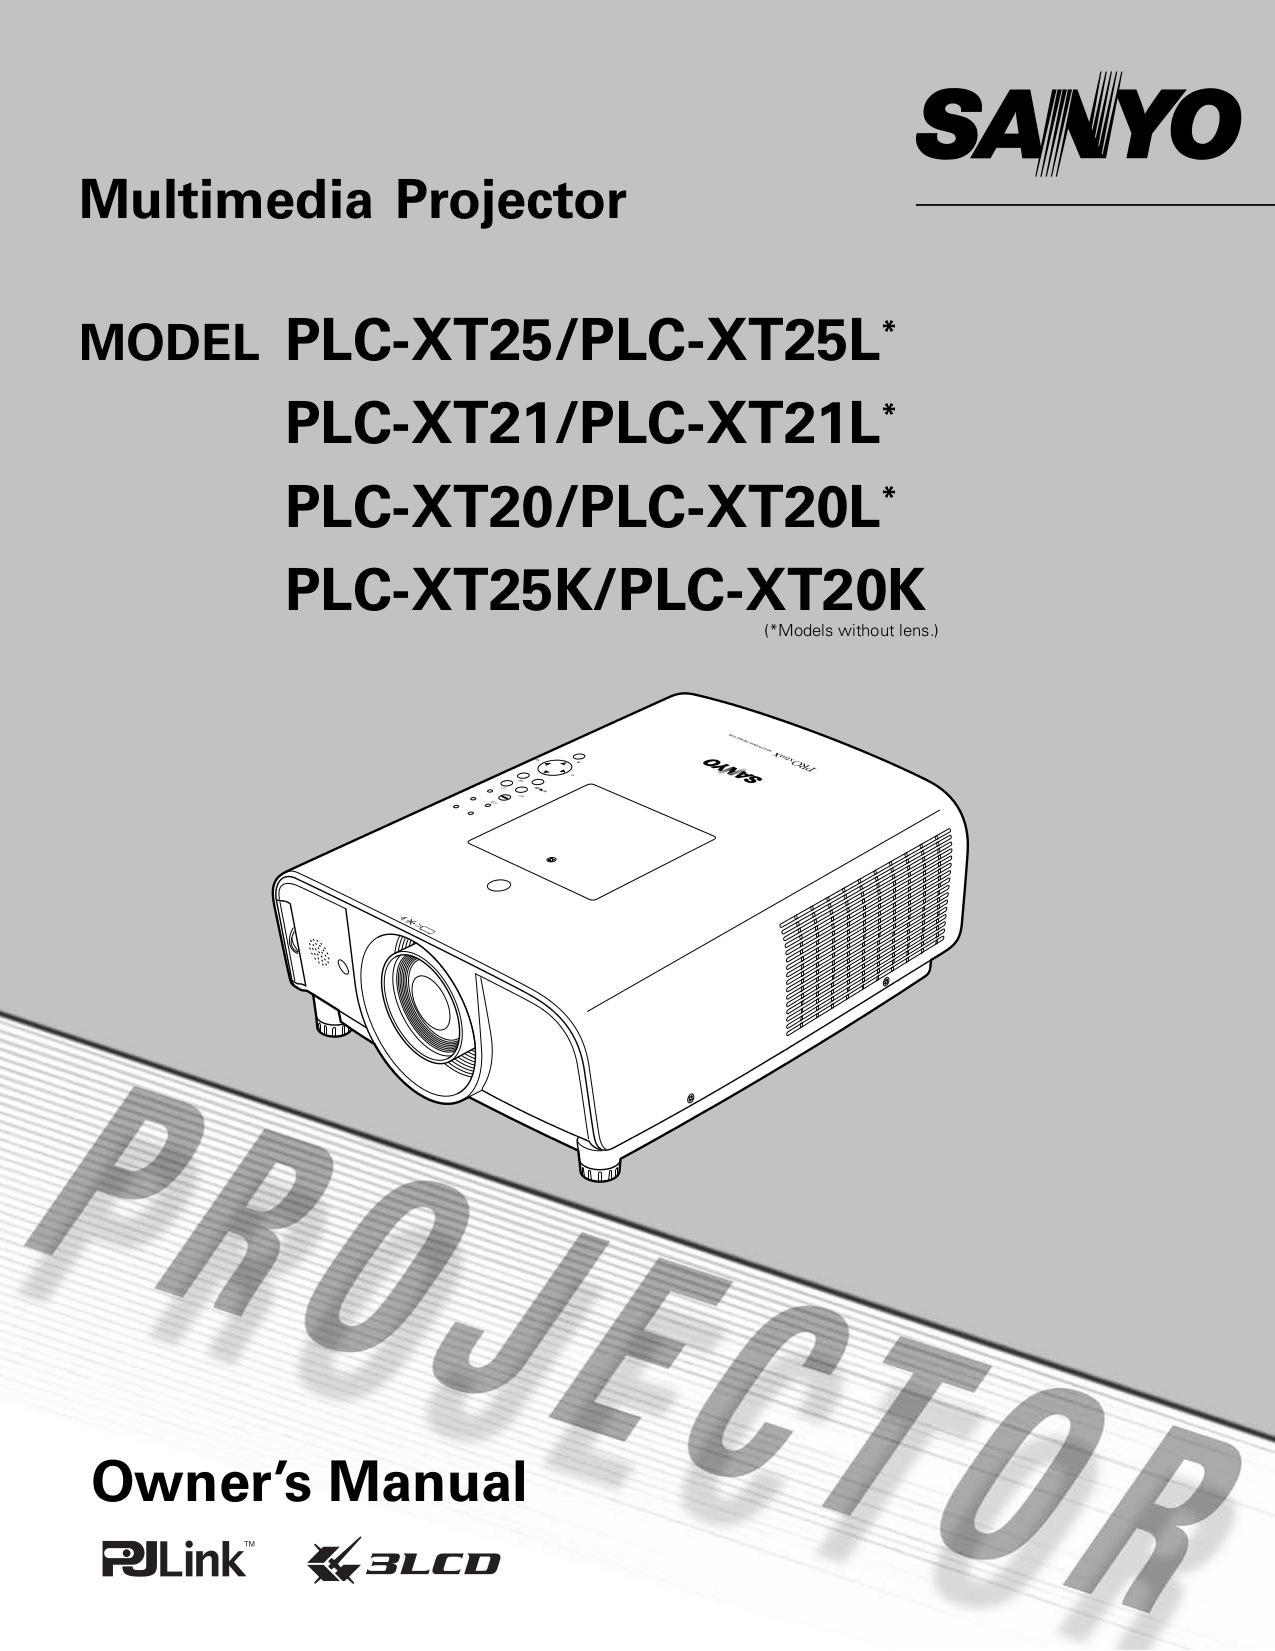 sanyo projector manual rh sanyo projector manual tempower us Comair 5191 Passengers Comair 5191 Transcript